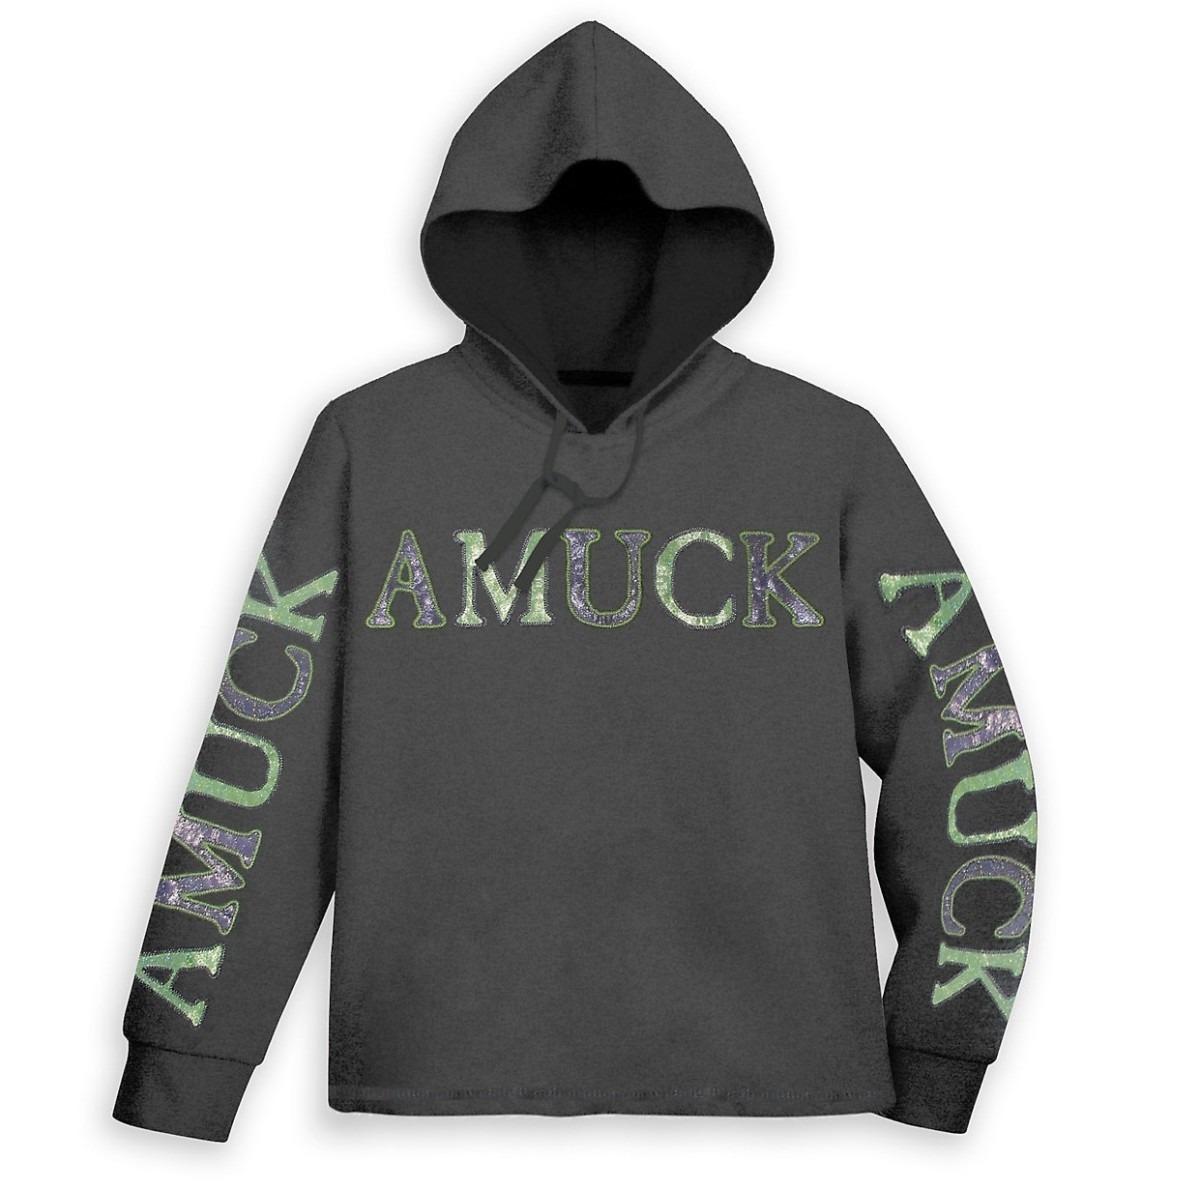 NEW Hocus Pocus Merchandise on shopDisney! 3